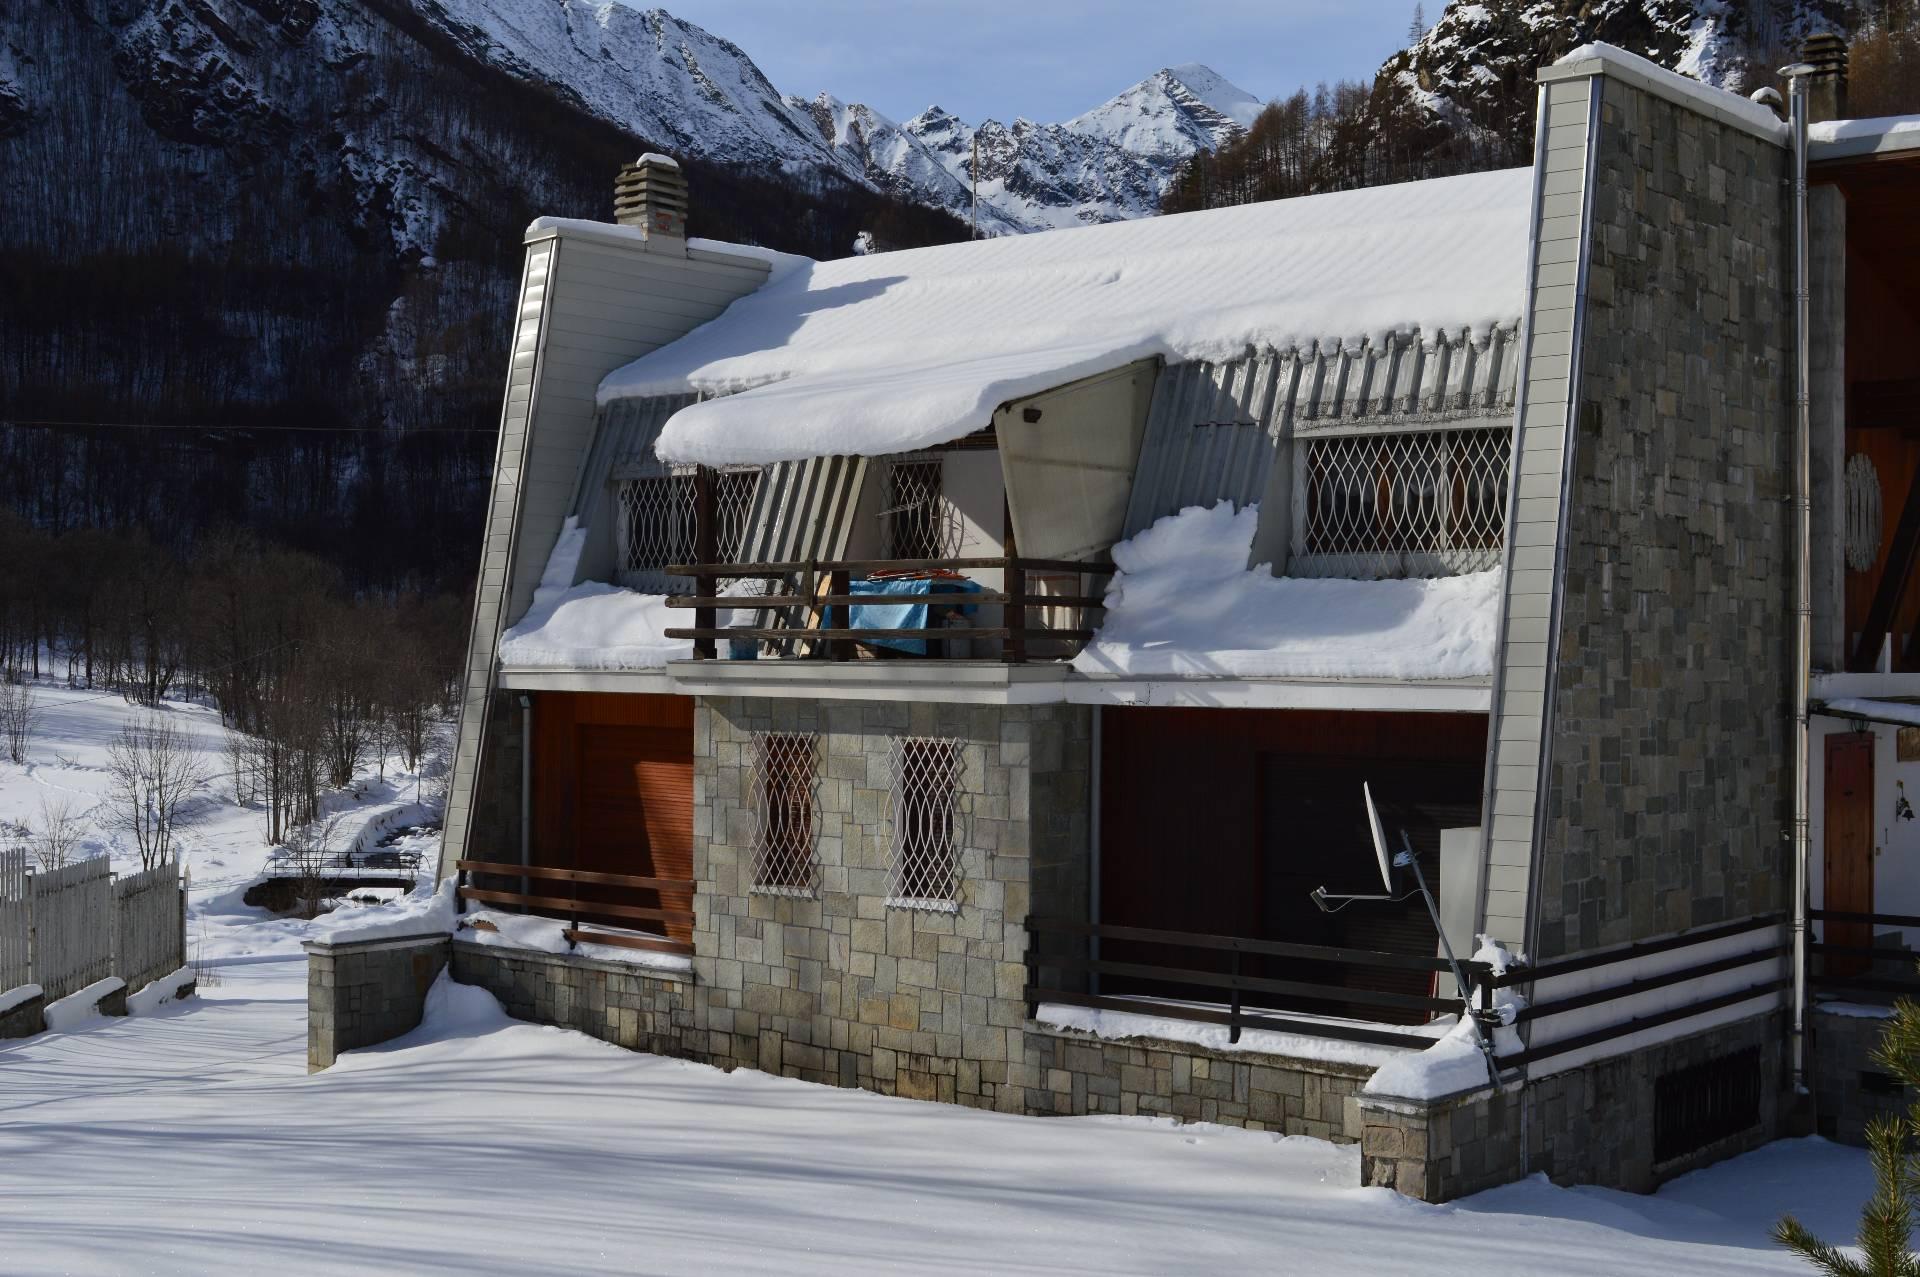 Appartamento in vendita a Usseglio, 2 locali, zona one, prezzo € 49.000 | PortaleAgenzieImmobiliari.it